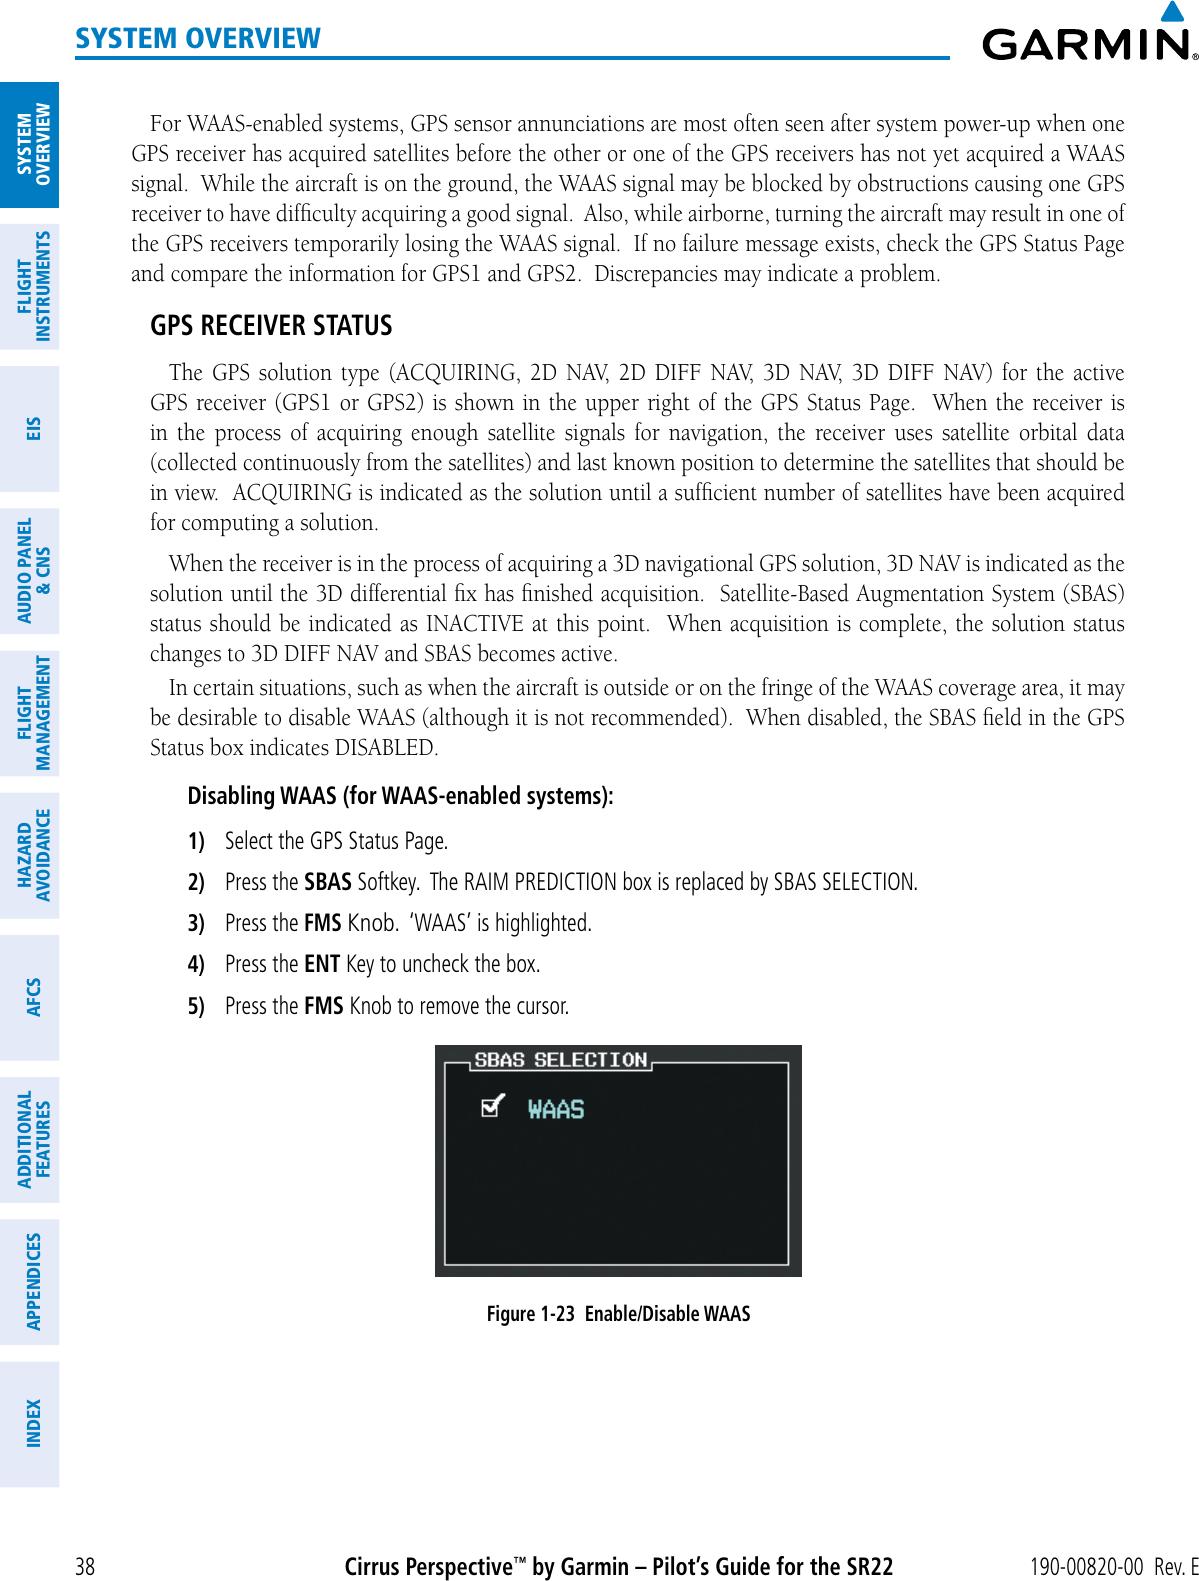 Garmin Software Version 0764 00